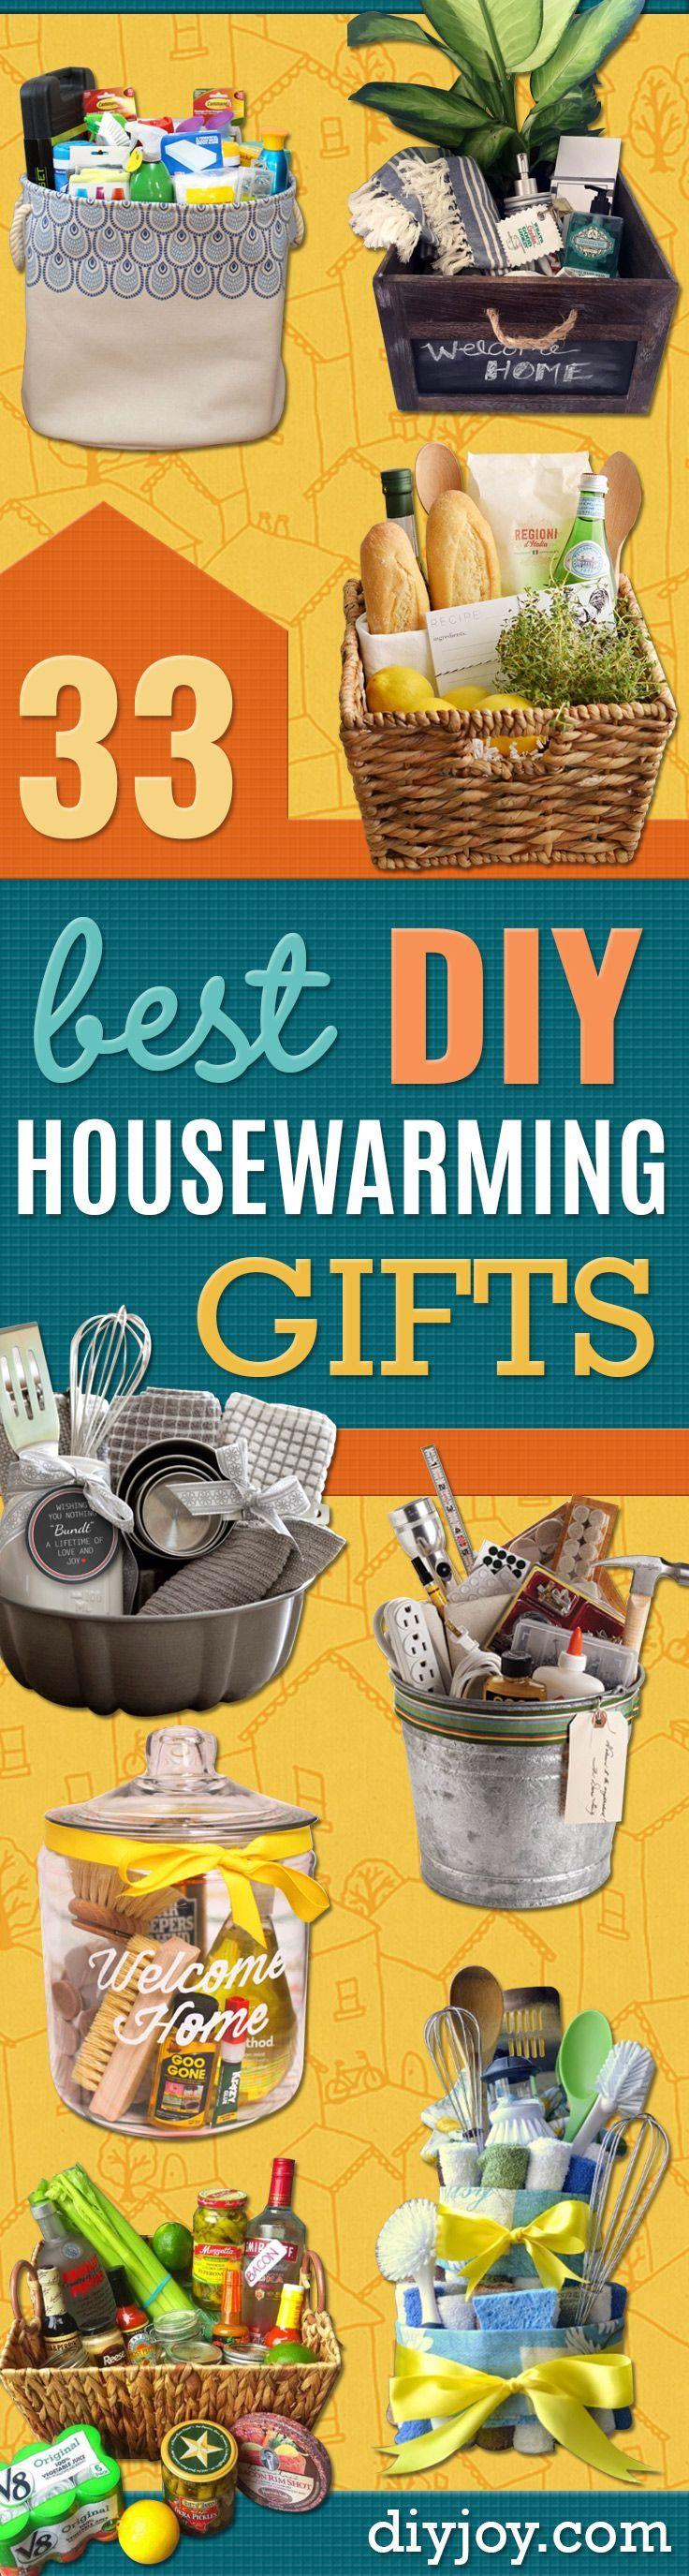 DIY Housewarming Gifts.